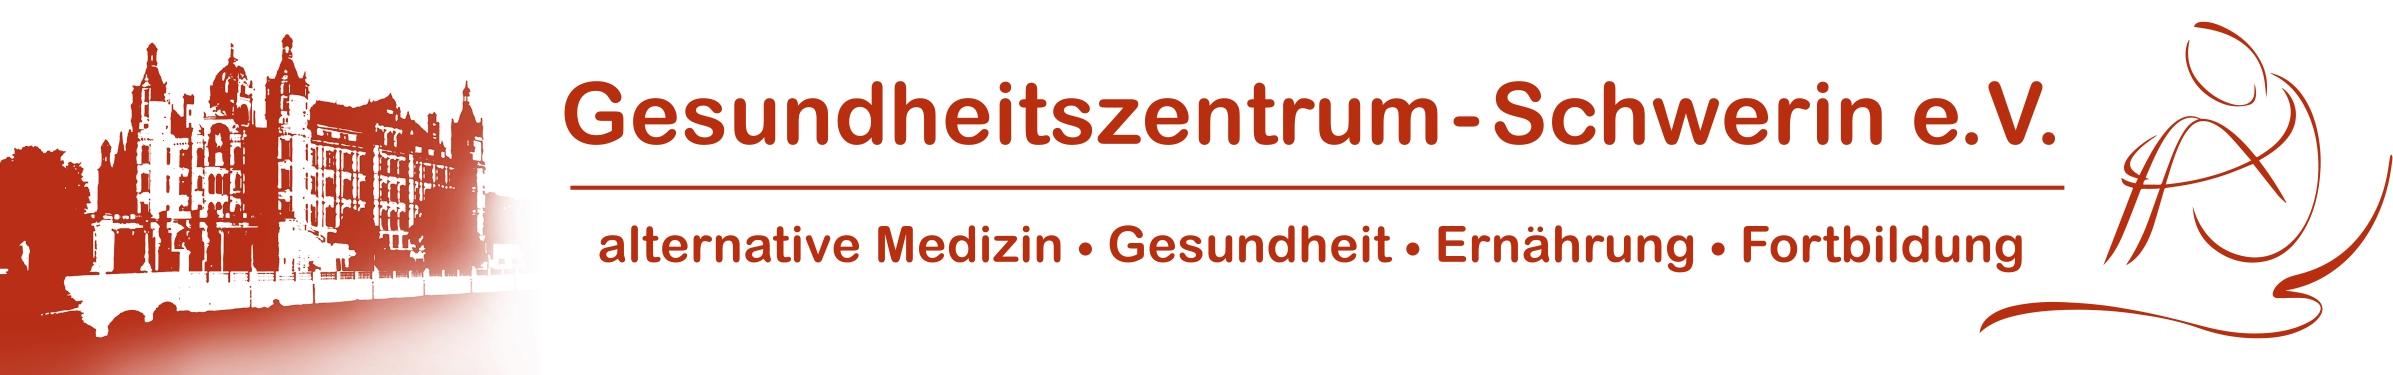 Gesundheitszentrum-Schwerin - Heilpraktikerschule Schwerin